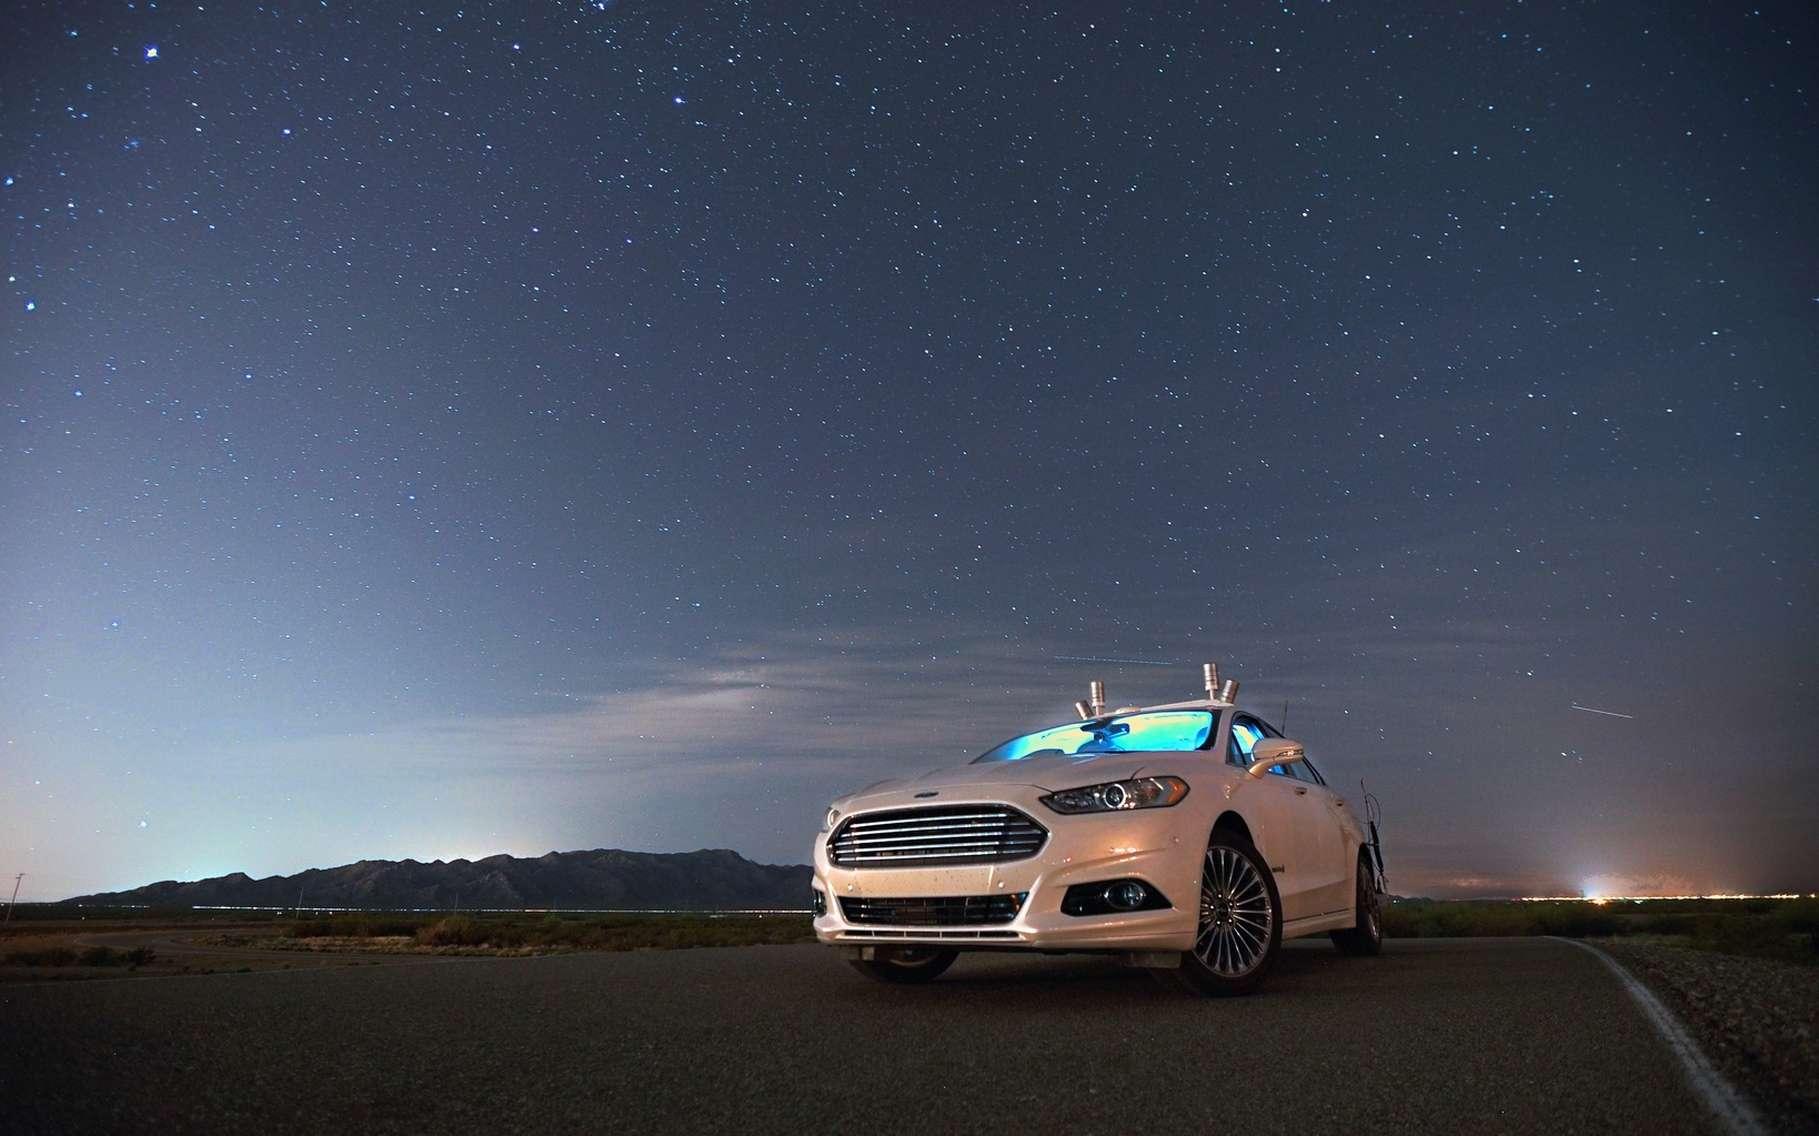 C'est grâce aux Lidar (les quatre cylindres que l'on voit émerger du toit) que la Ford Fusion hybride autonome peut circuler dans l'obscurité la plus totale sans caméras. © Ford